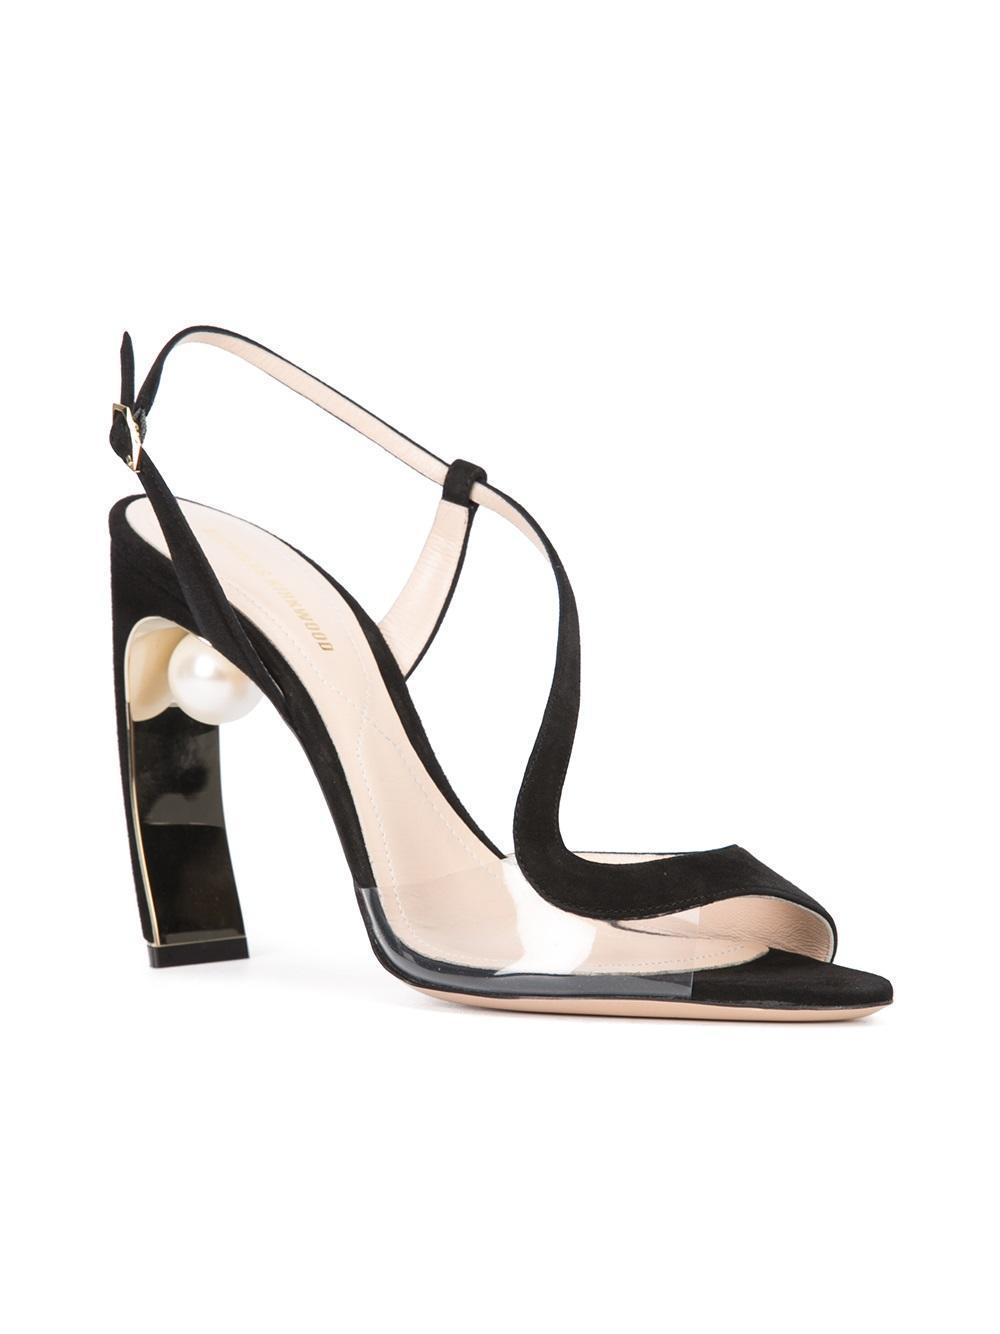 Maeva pearl S sandals - Black Nicholas Kirkwood SEoGekw